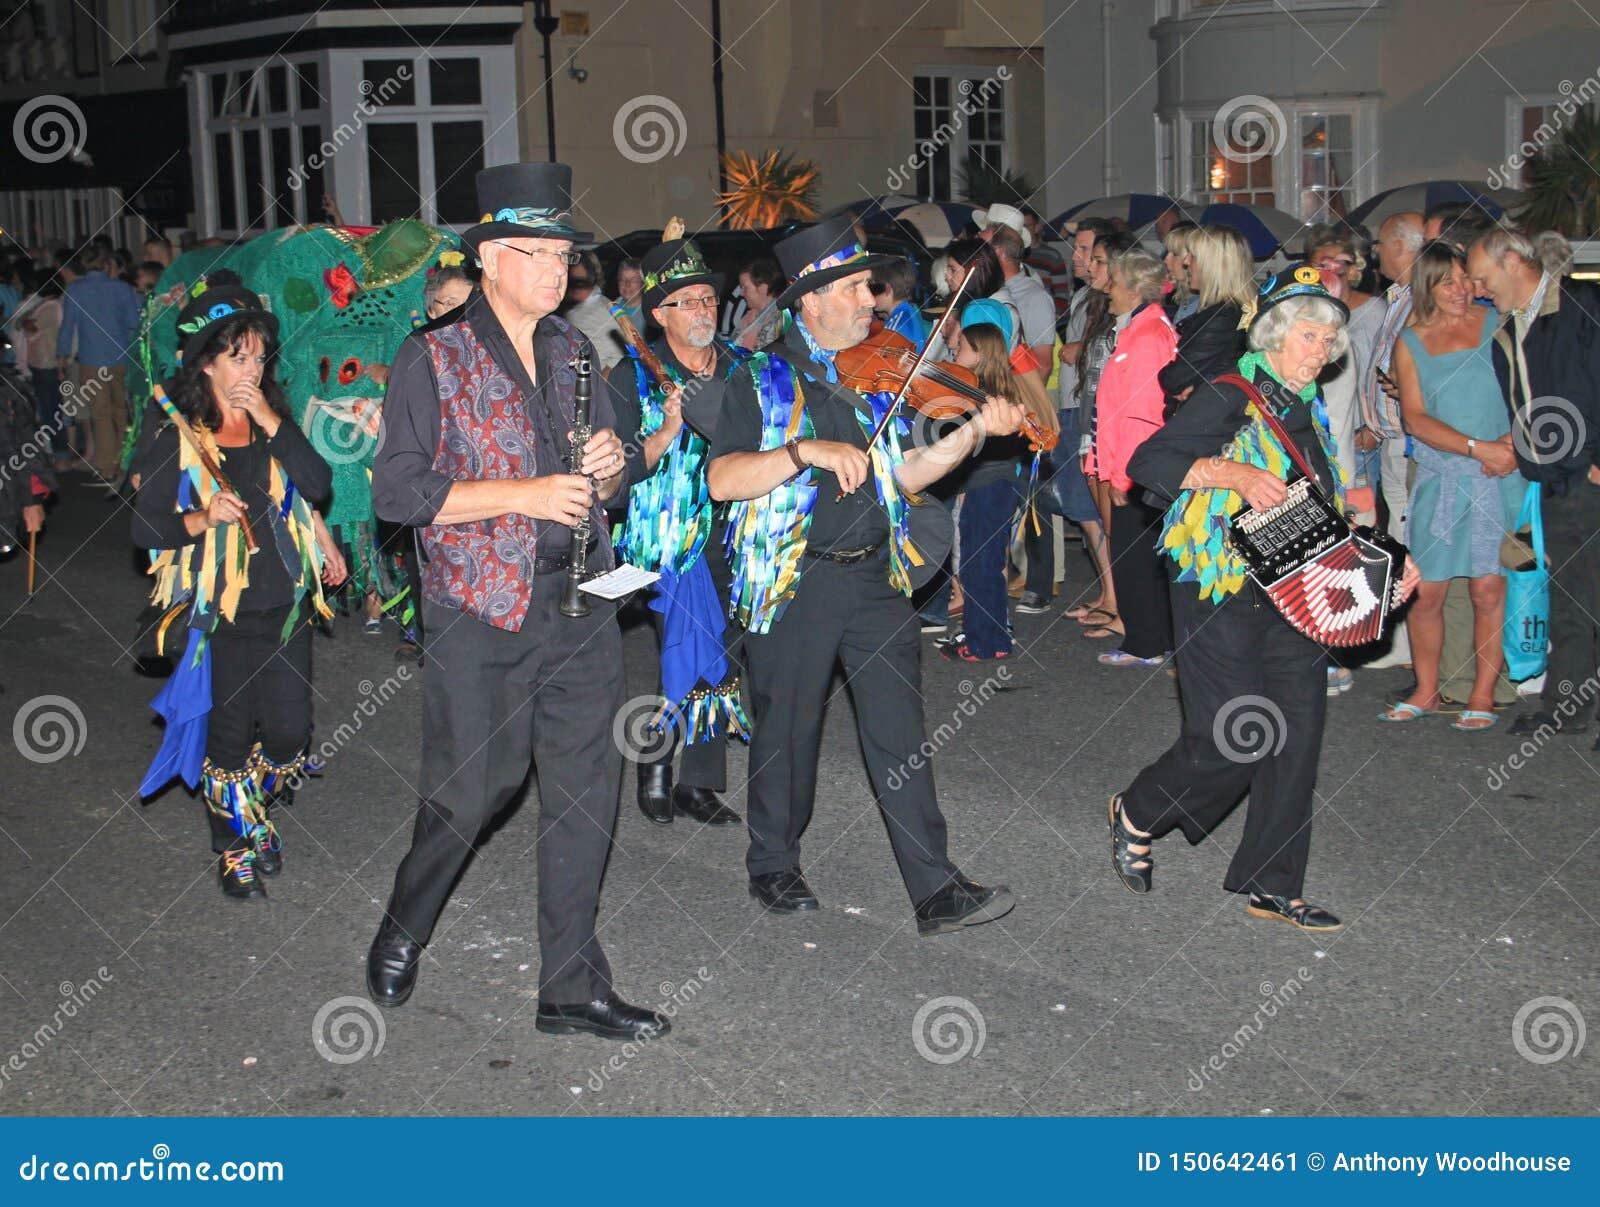 SIDMOUTH, DEVON, ENGLAND - 10. AUGUST 2012: Eine Gruppe Musiker, die in verzierten Zylindern gekleidet werden und zackige blaue W